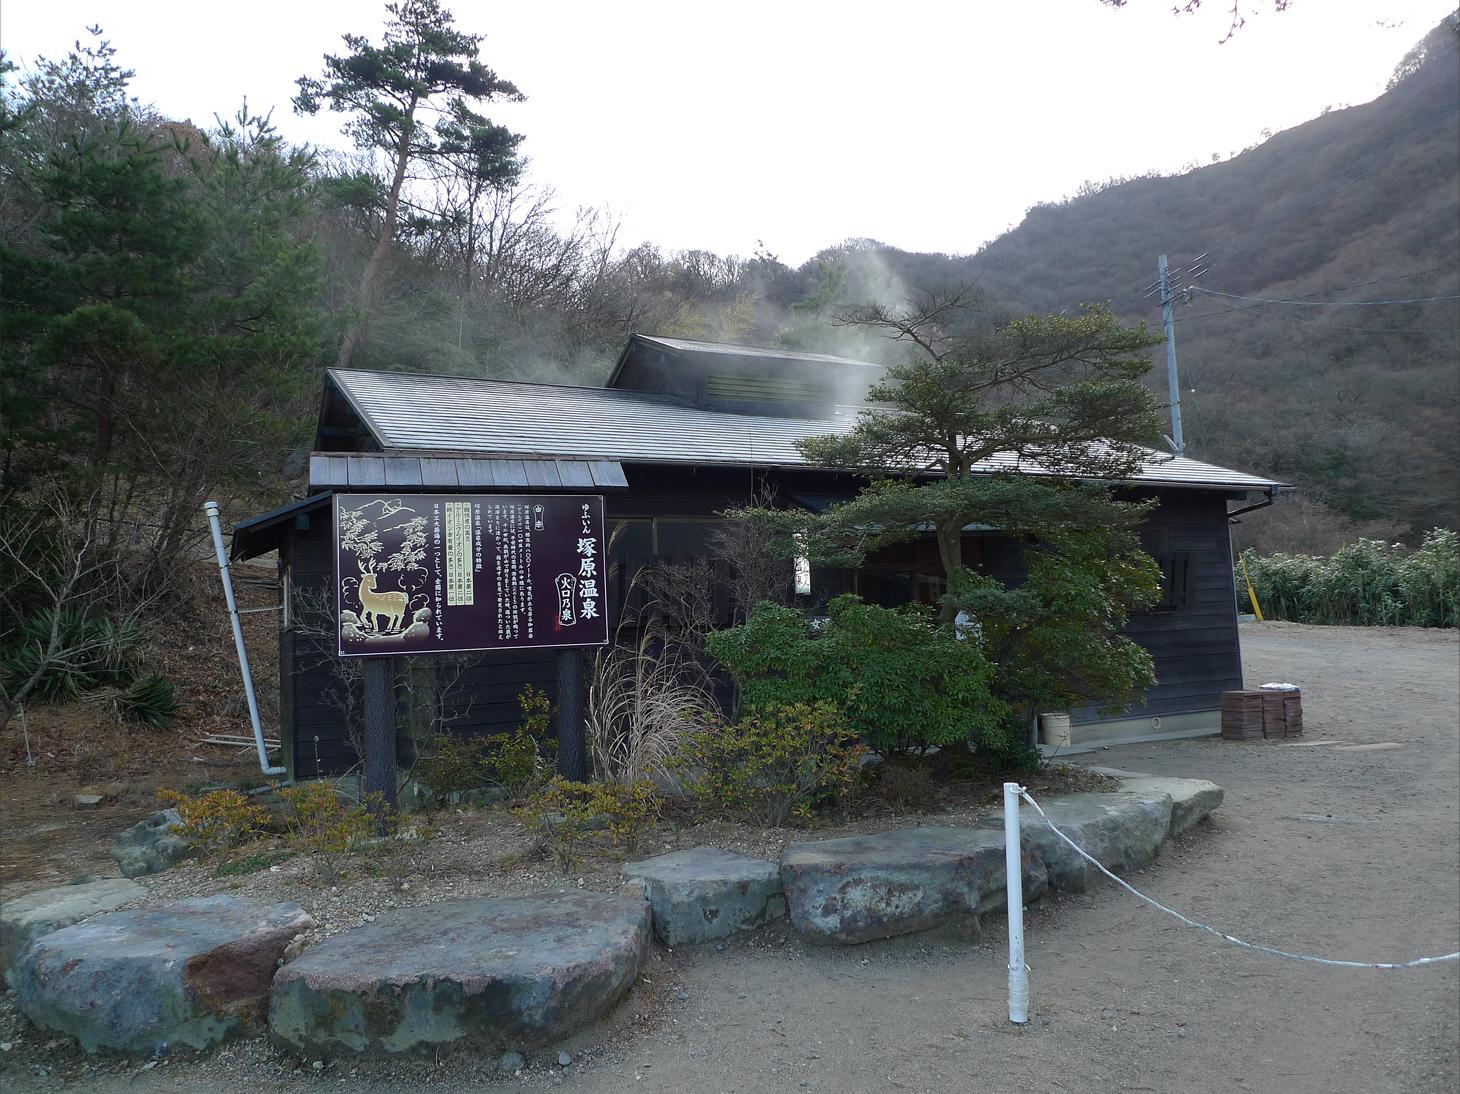 塚原温泉 火口乃泉 大浴場